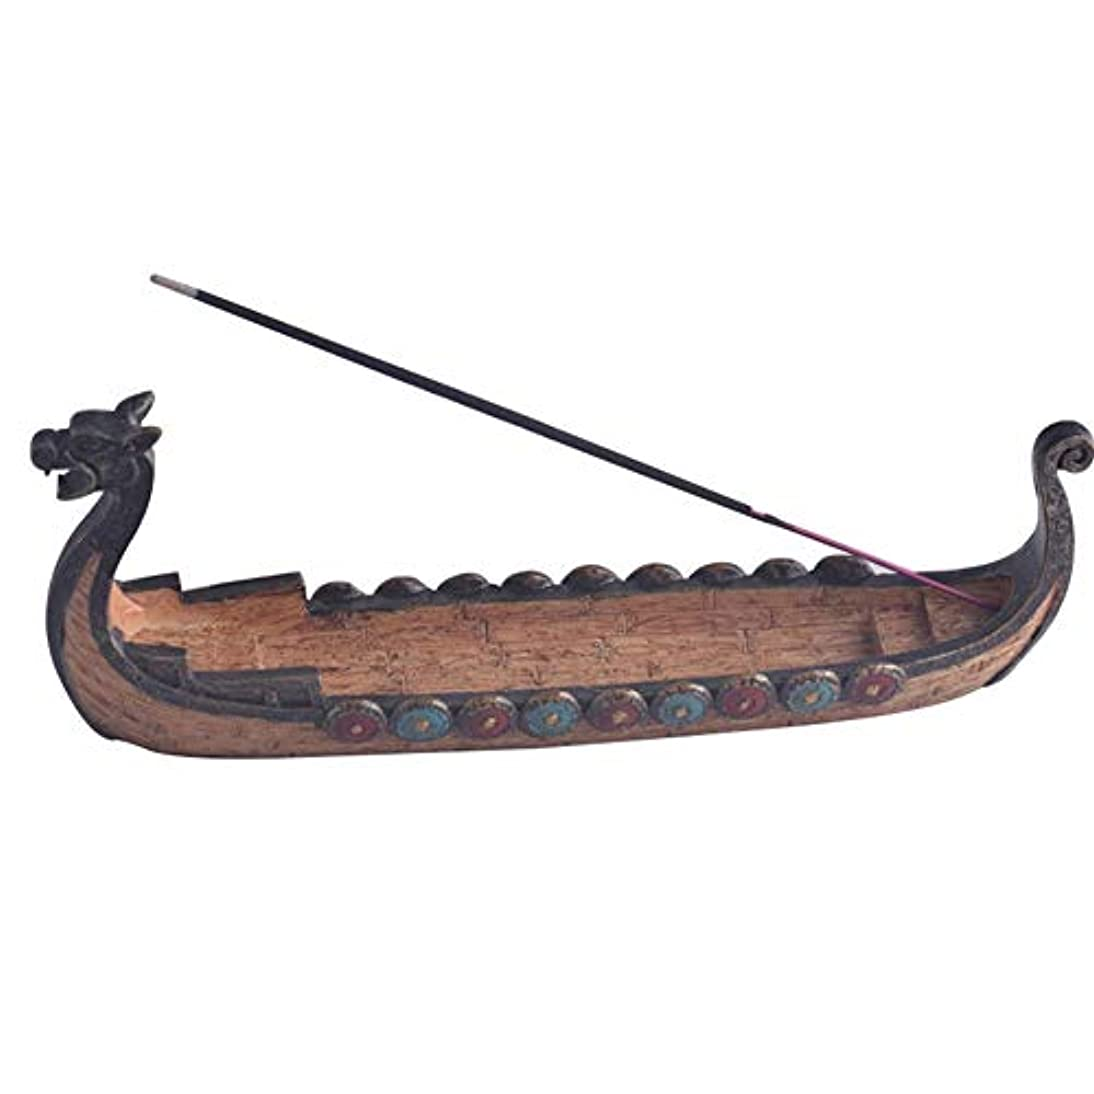 フレキシブル怠感バイオレットTenflyer スティック香中国の伝統的な家の装飾のためのドラゴンボート型香炉